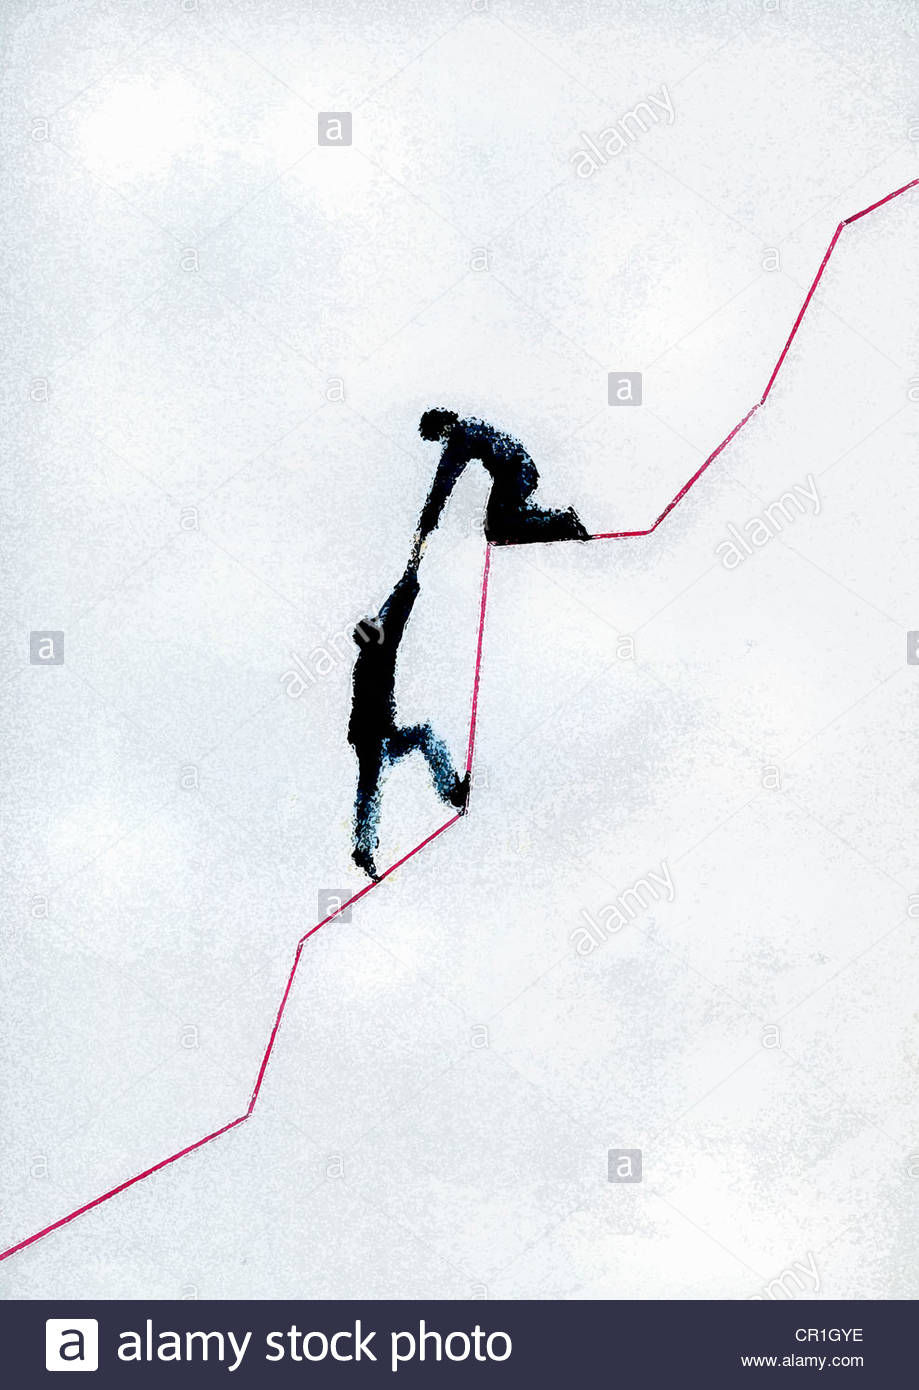 Collègue d'affaires aide à remonter la ligne rouge graphique Photo Stock